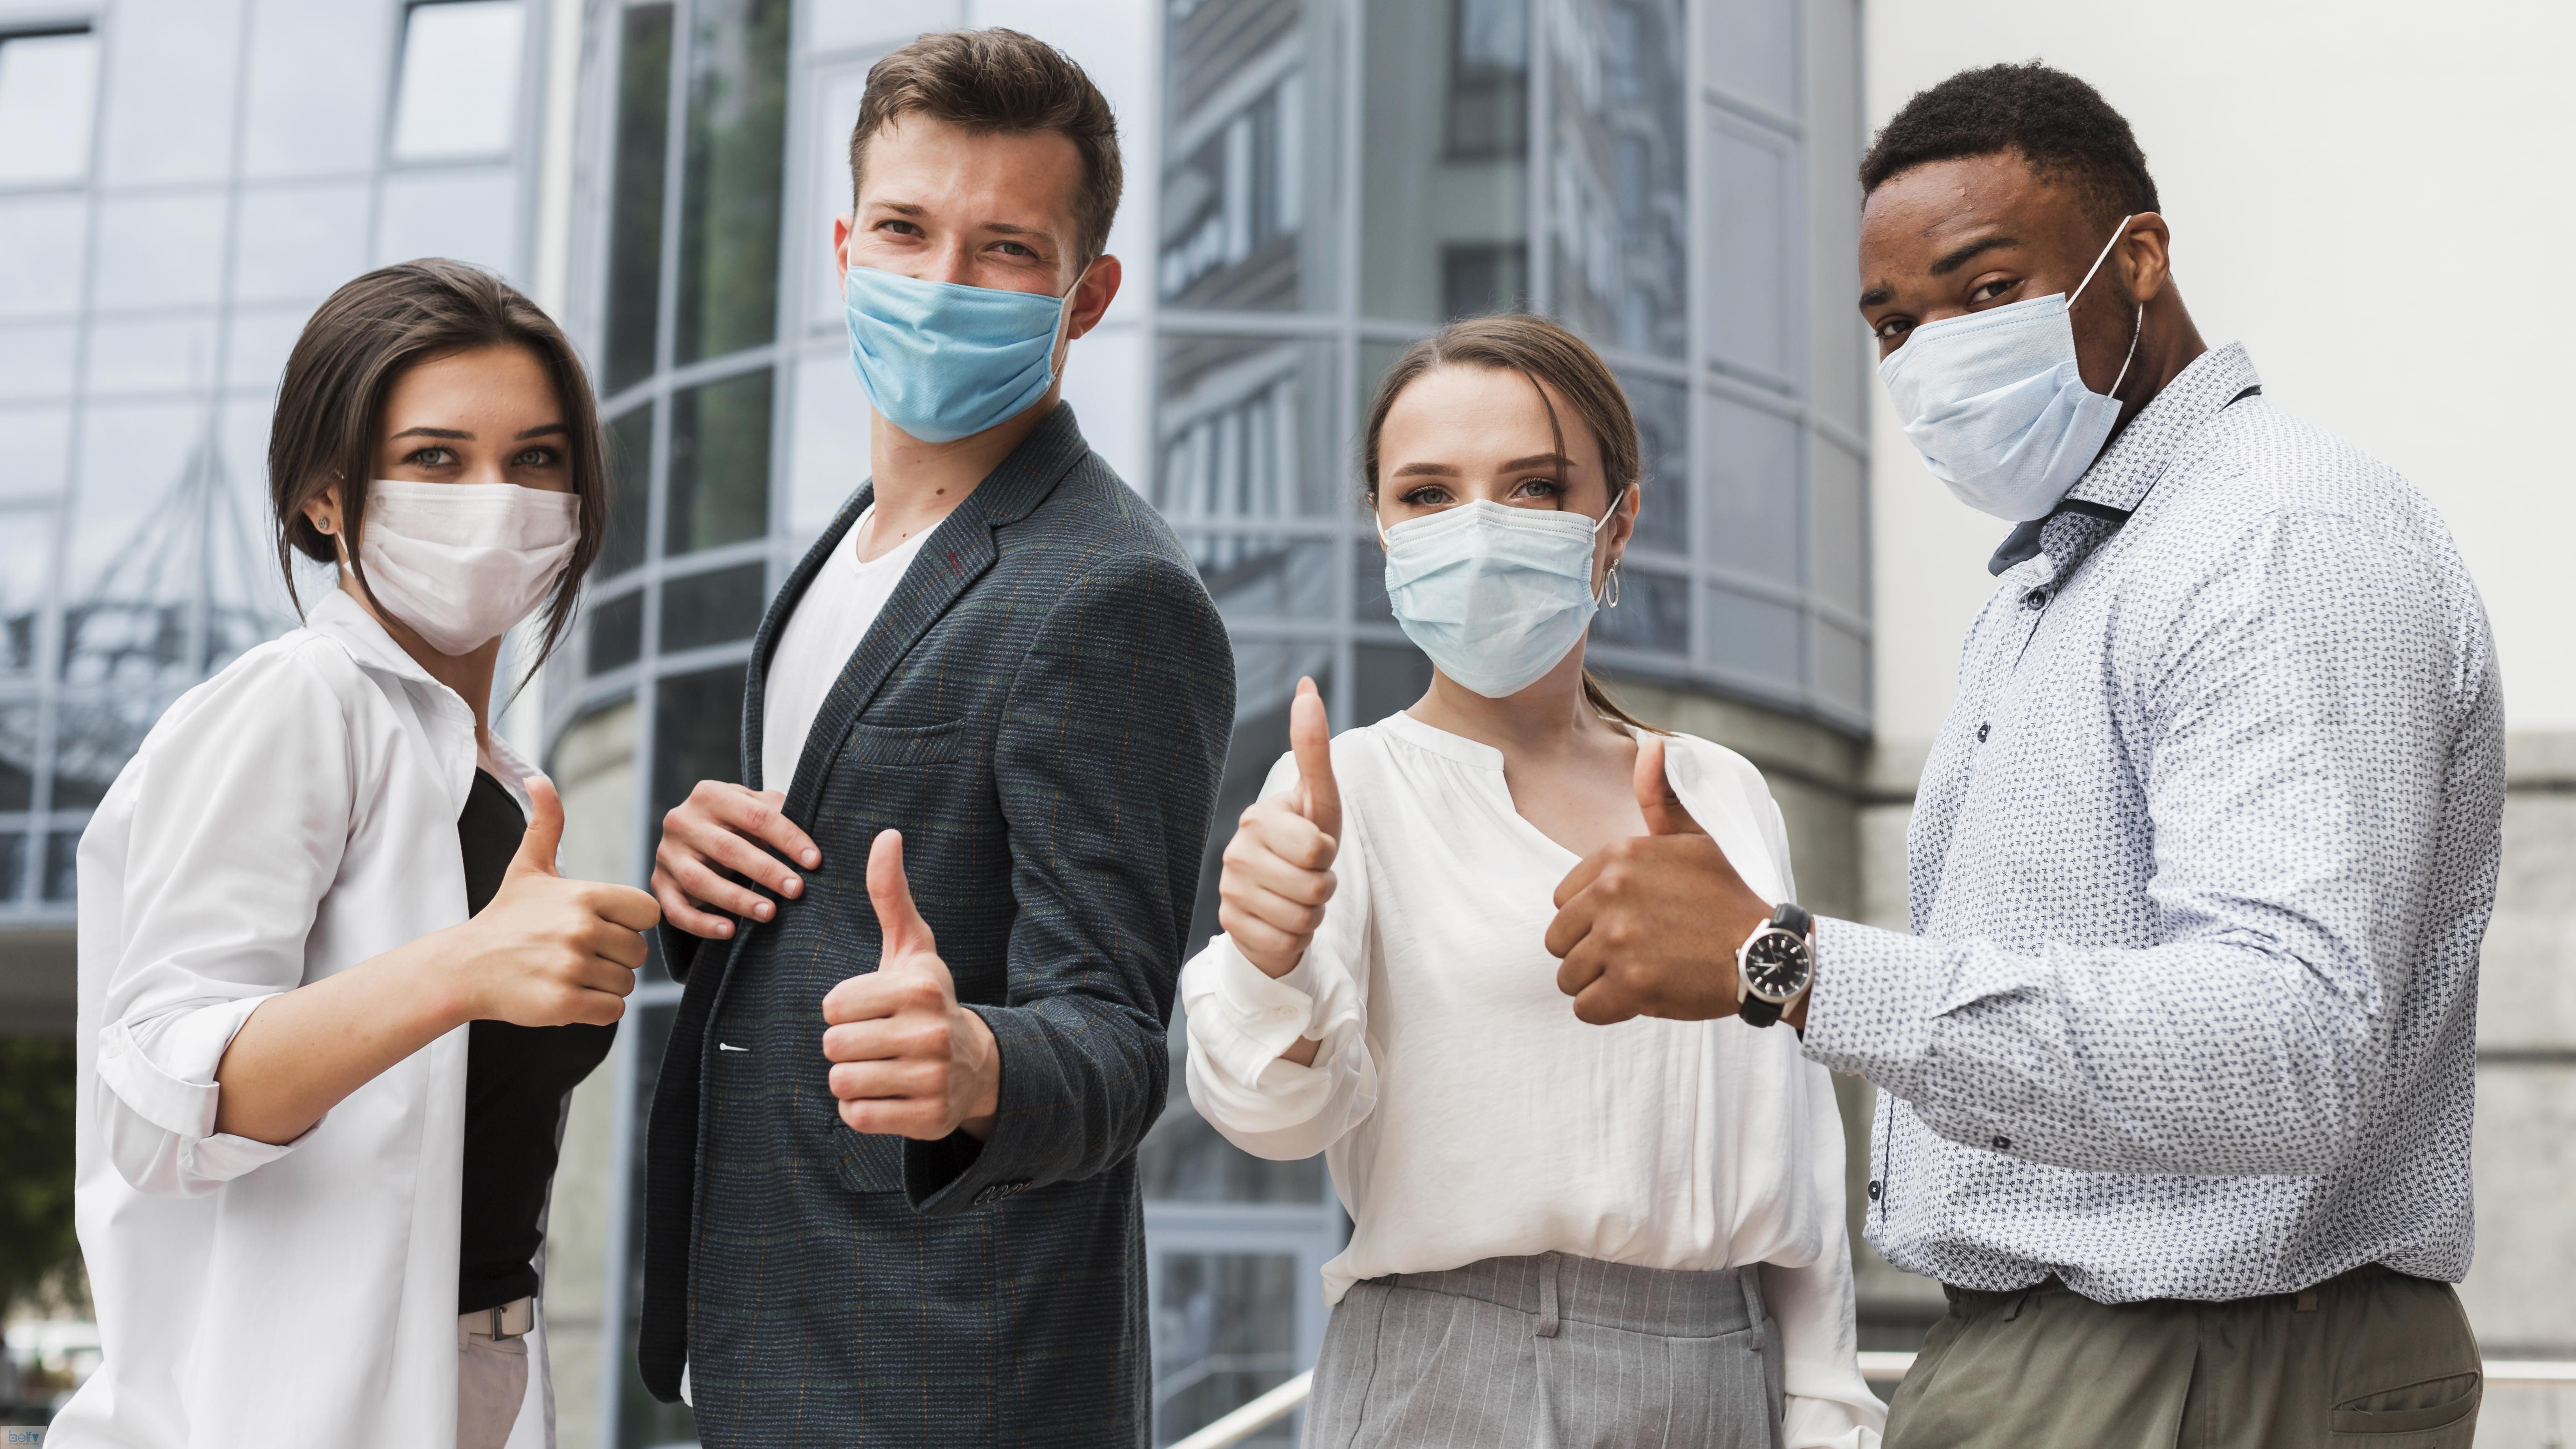 تاثیر ویروس کرونا بر تجربه مشتری